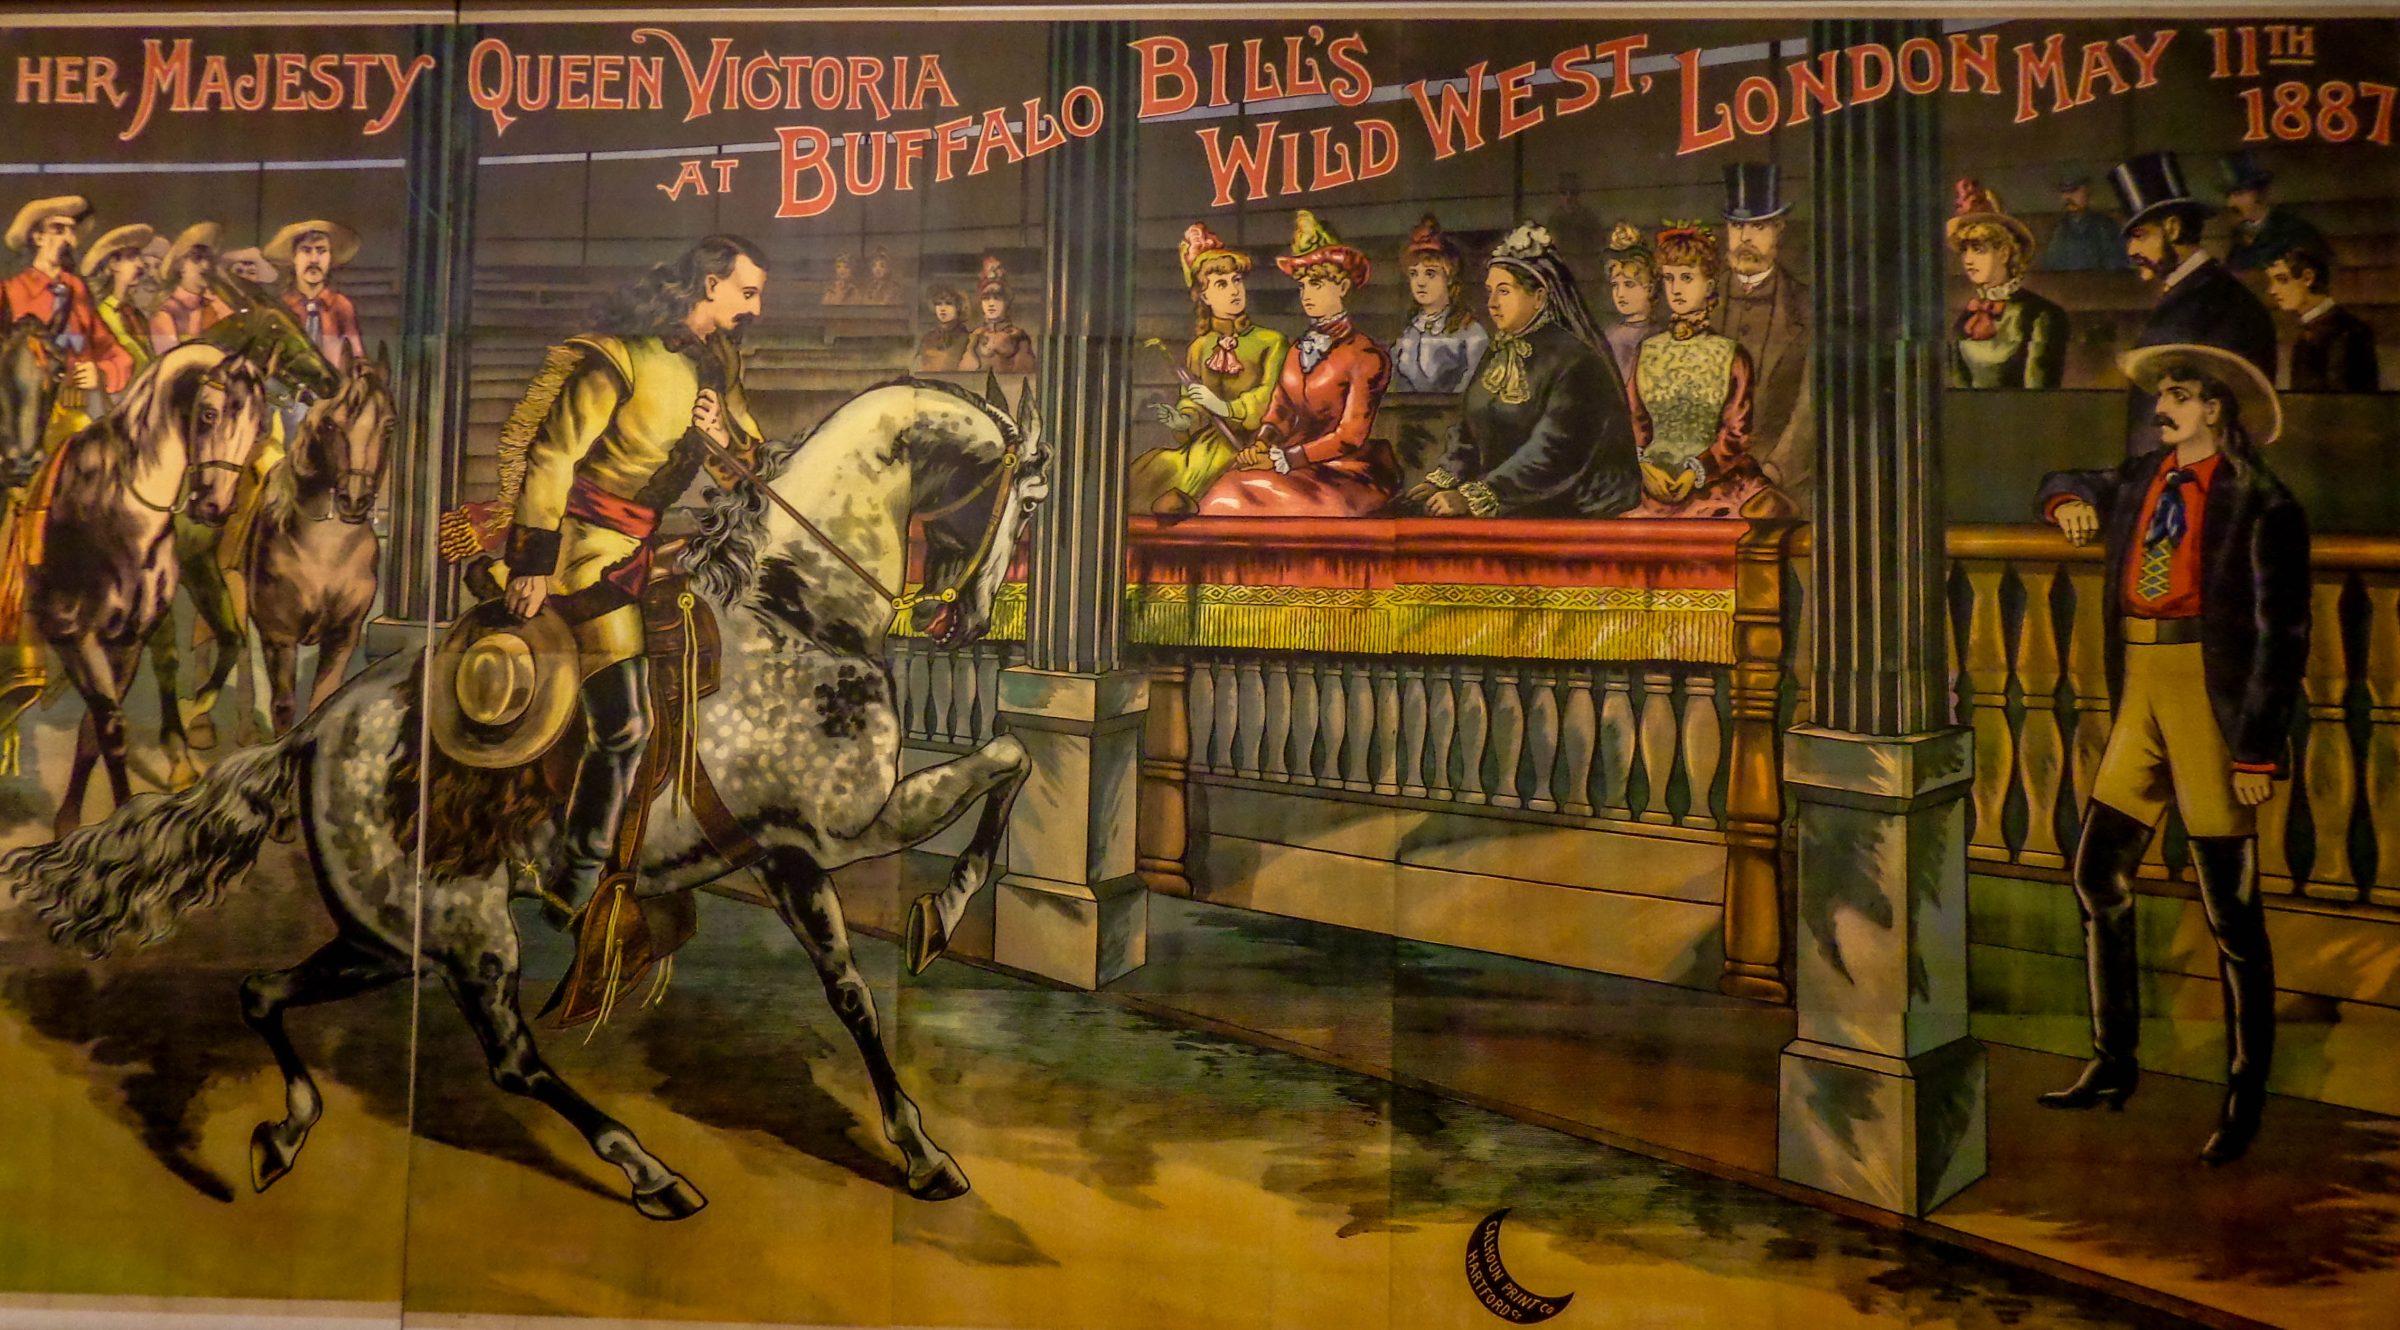 Buffalo Bill Wild West show in Londen 1887